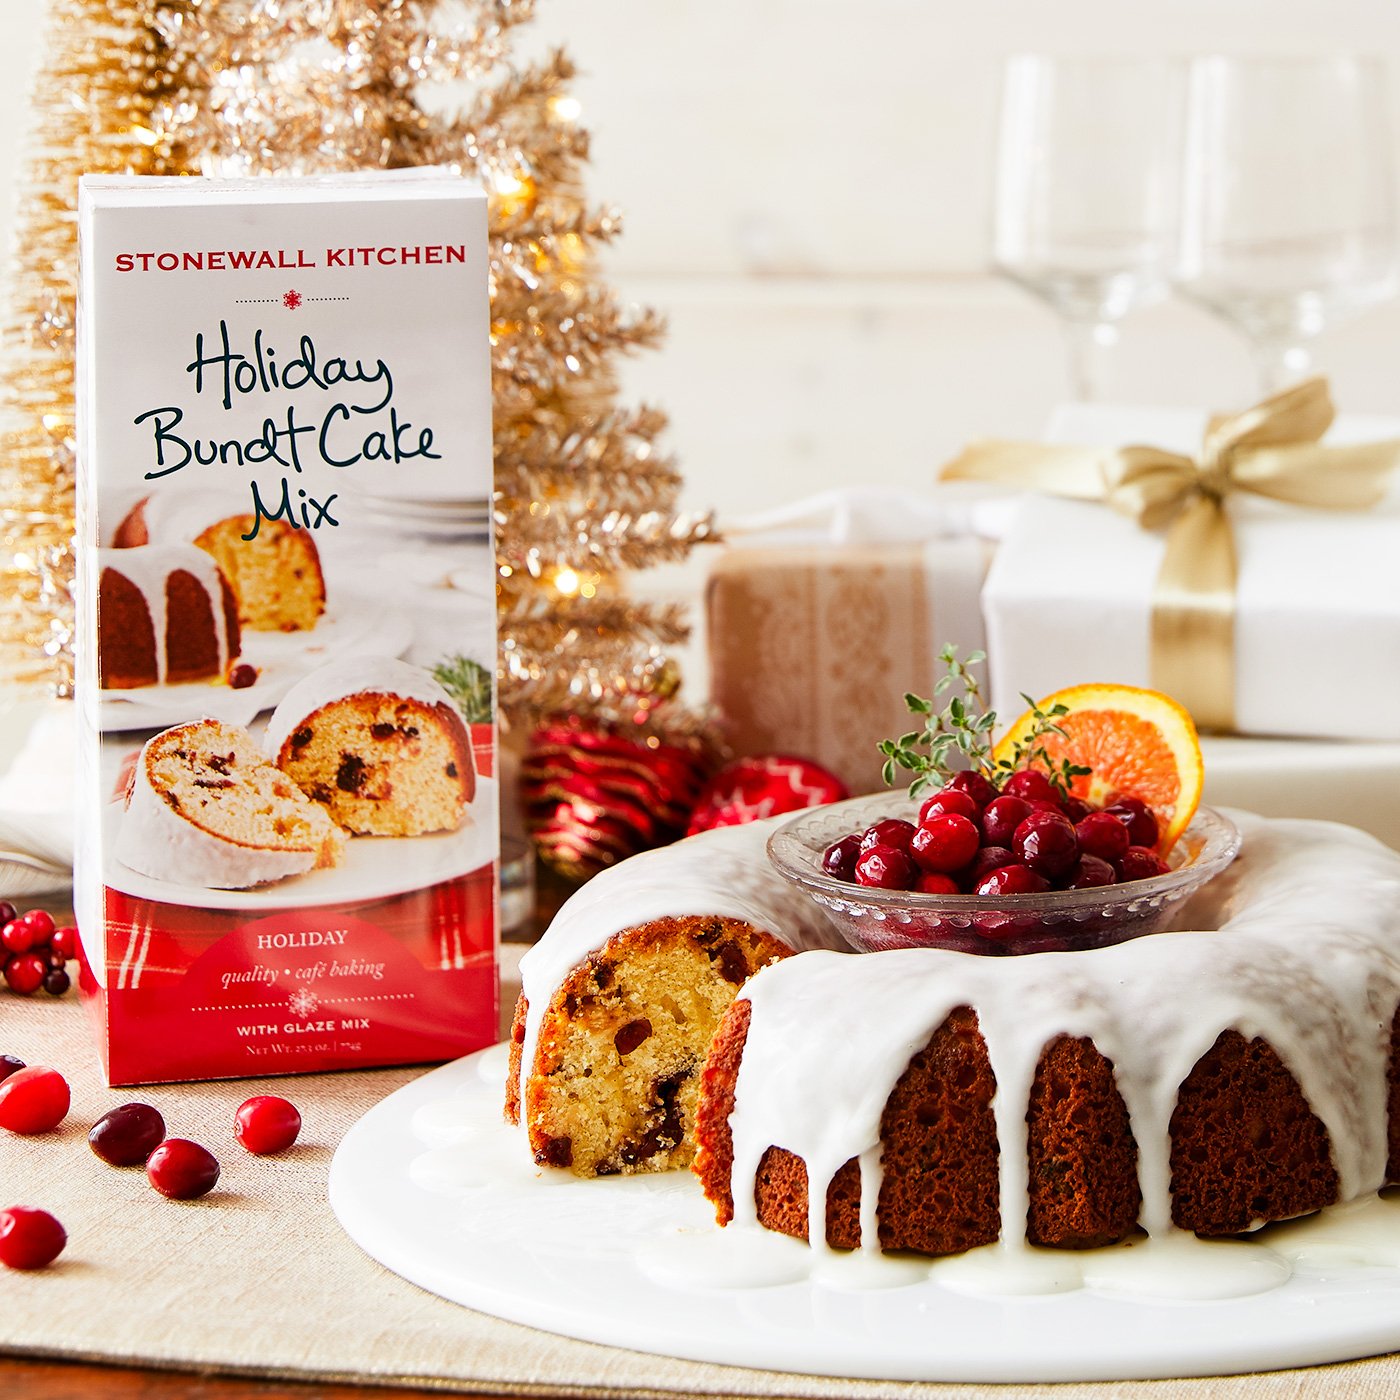 Holiday Bundt Cake Mix